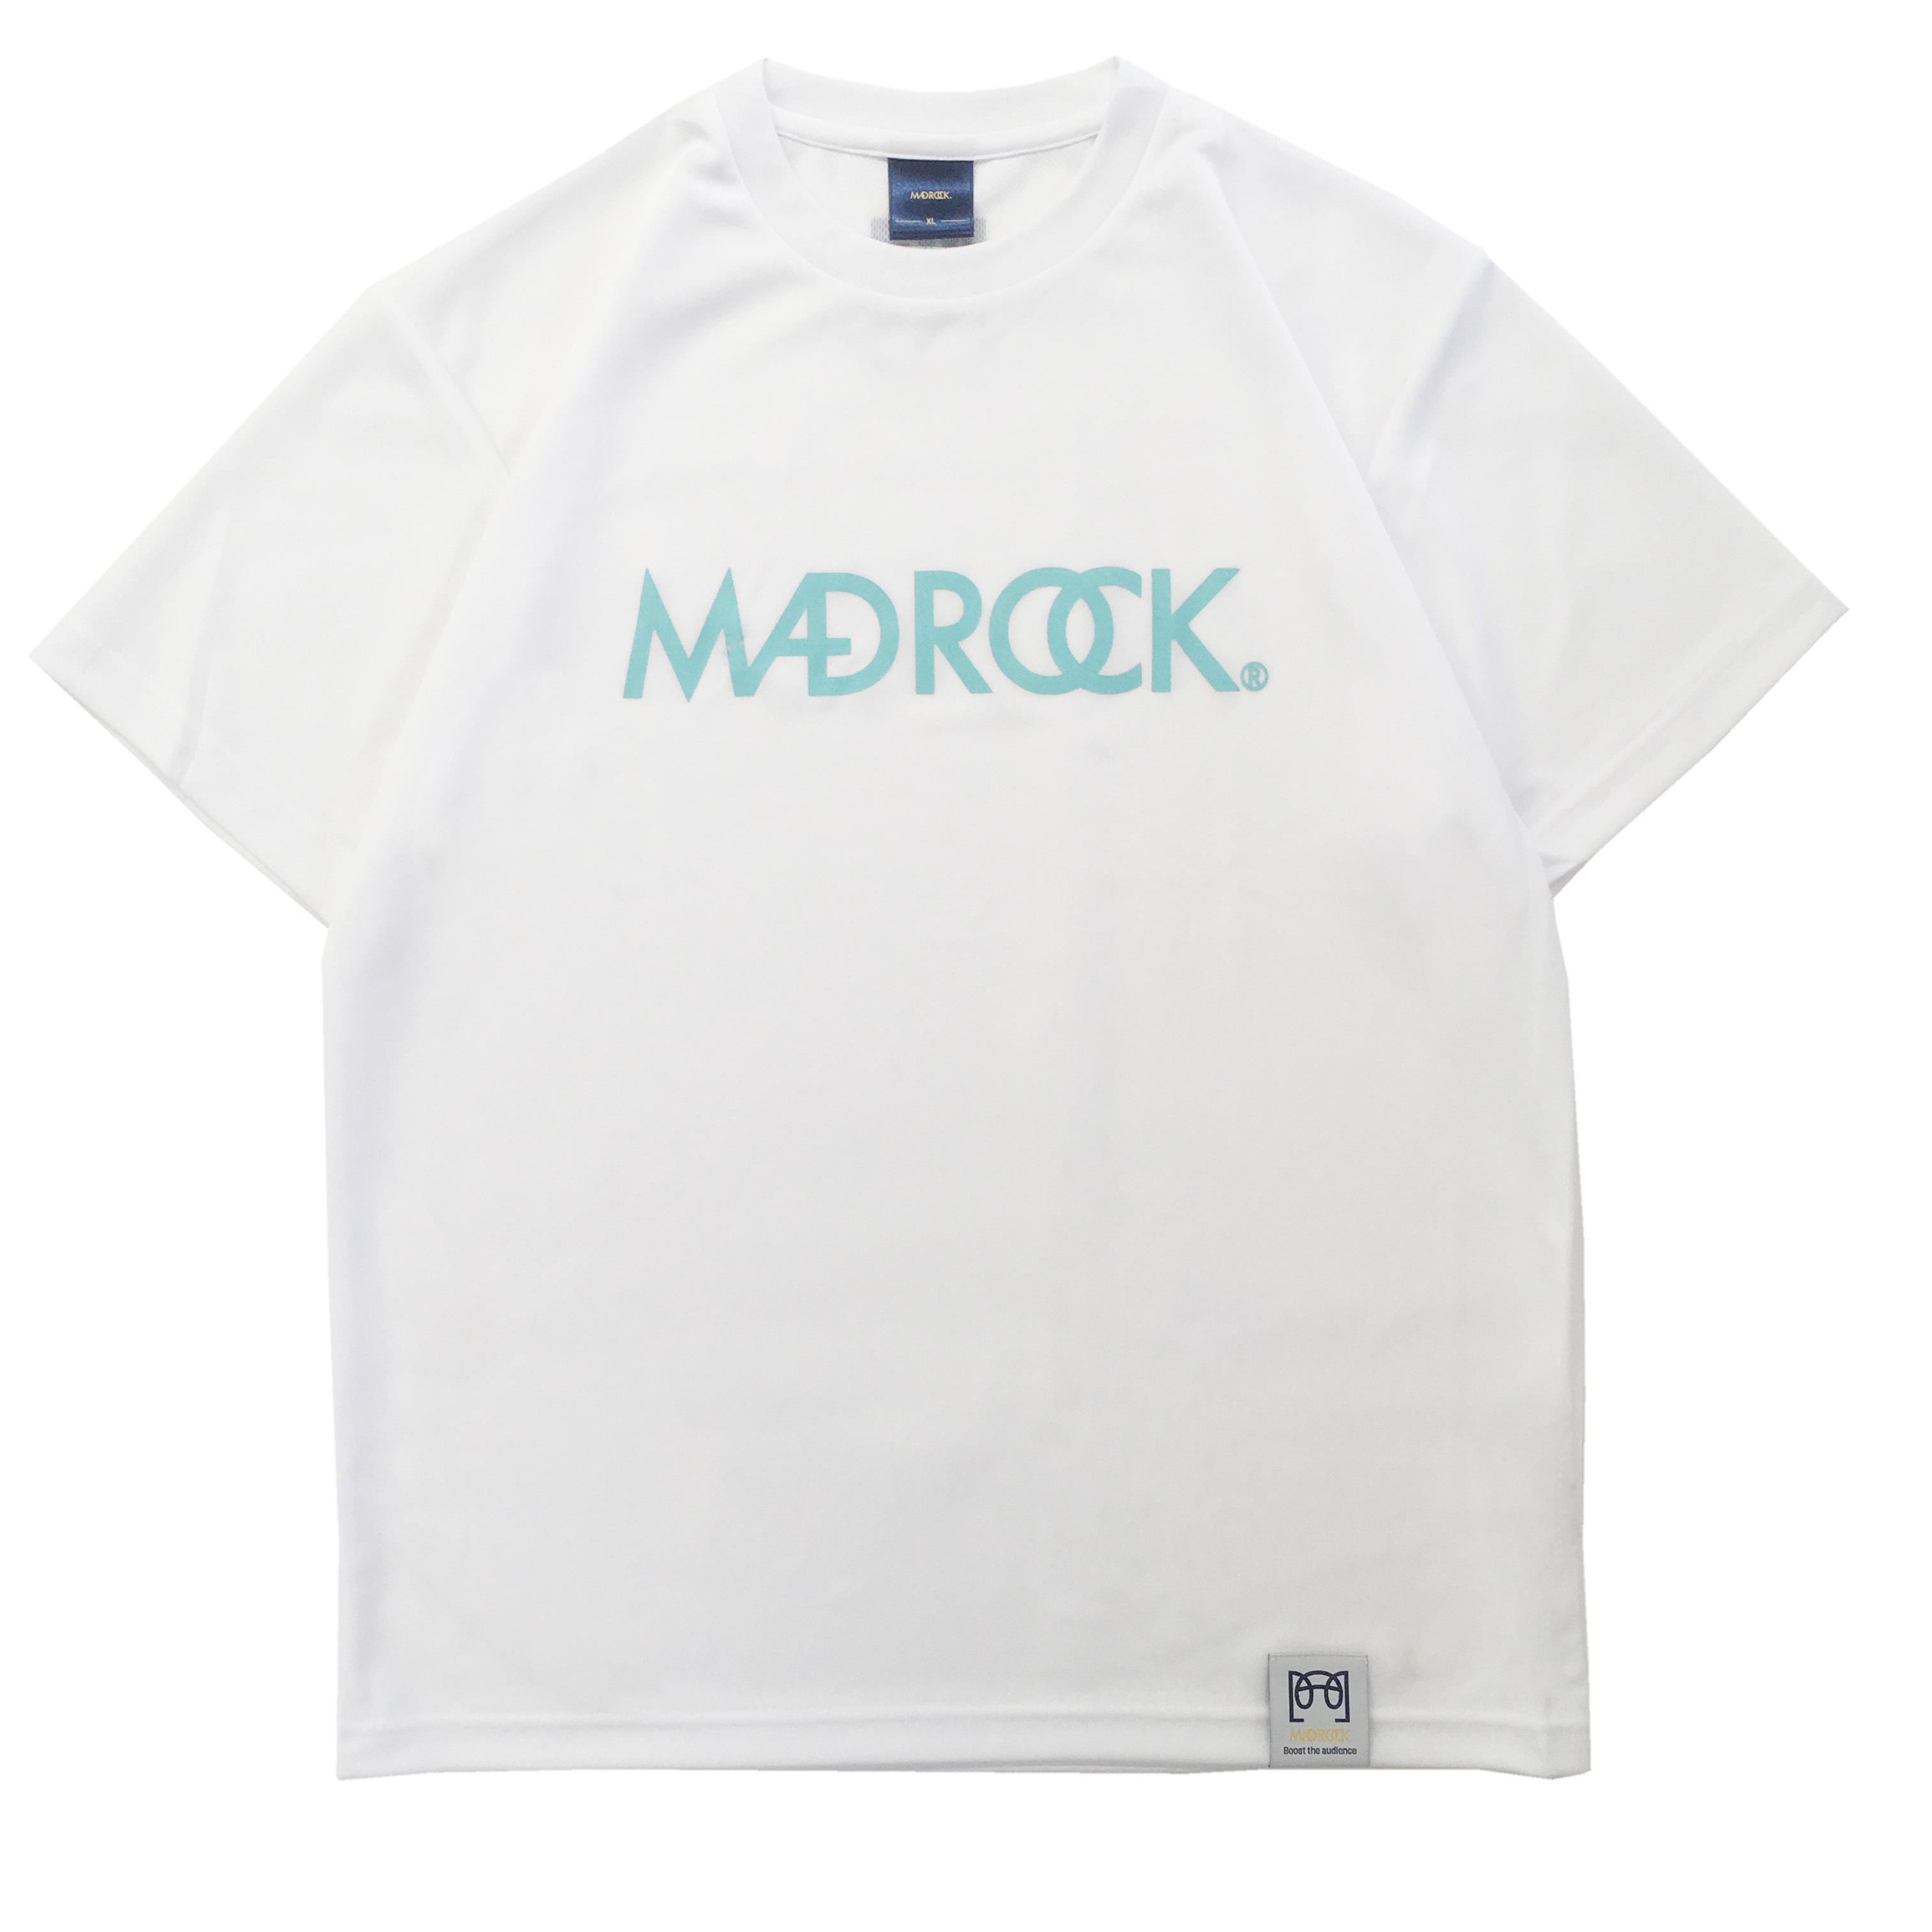 【新作/オンラインストア限定】マッドロックロゴ Tシャツ / ドライタイプ / ホワイト & アクア